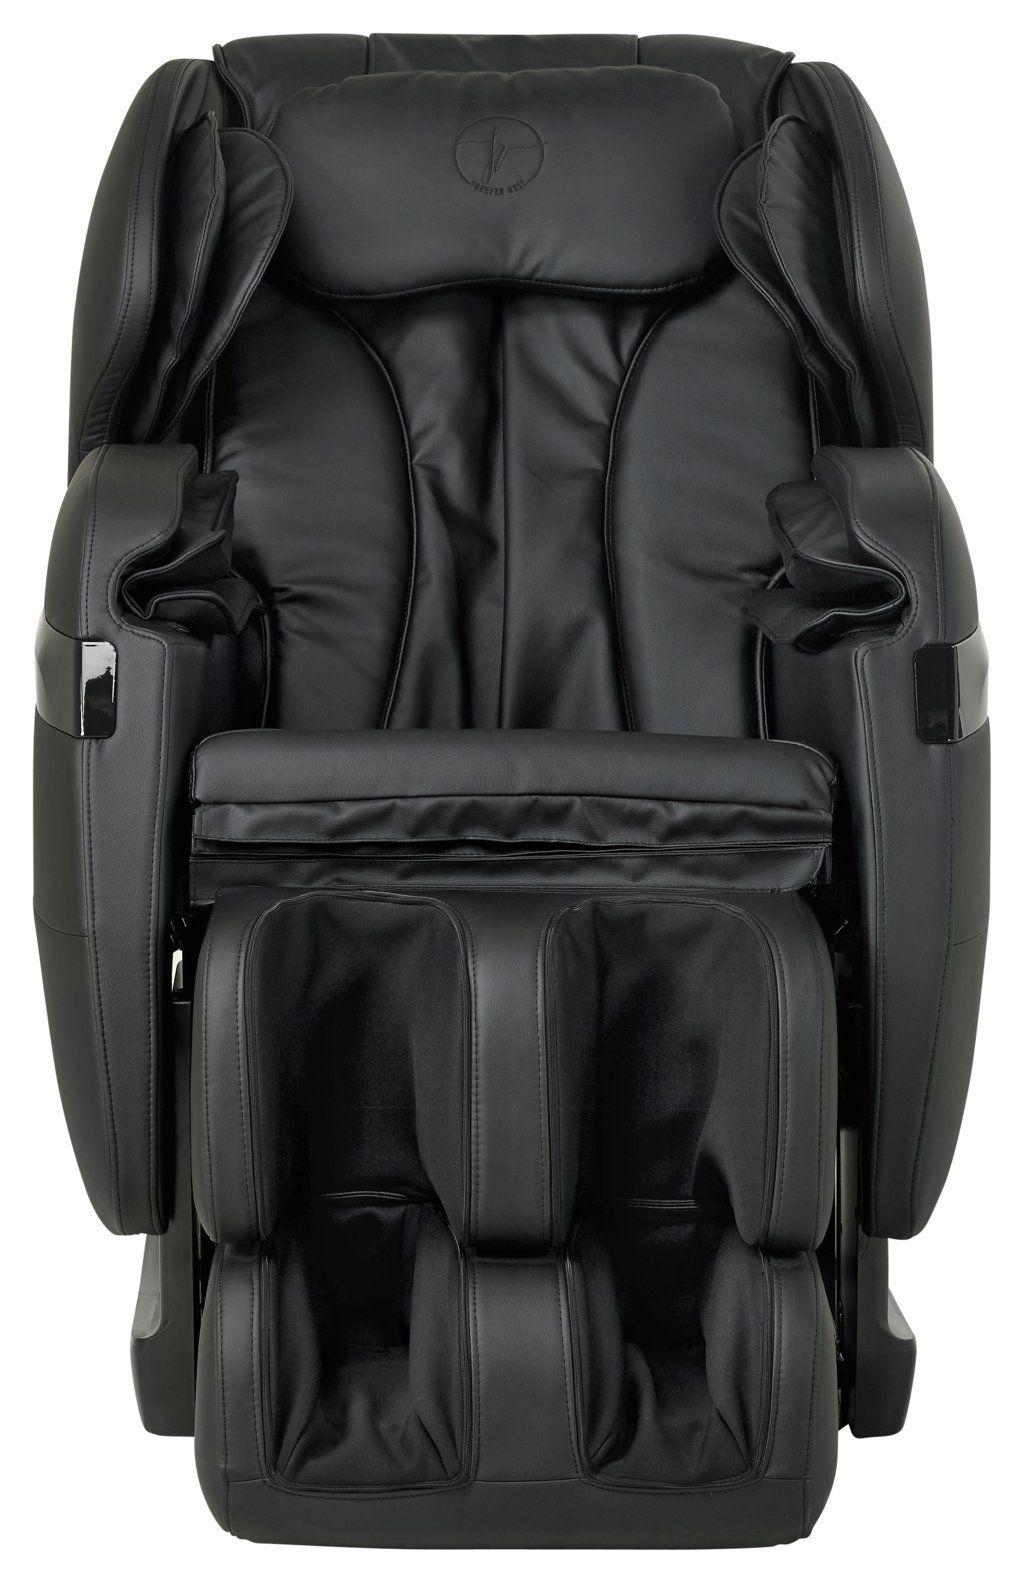 2018 Best Valued Massage Chair By Forever Rest Fr5kls Premier Back